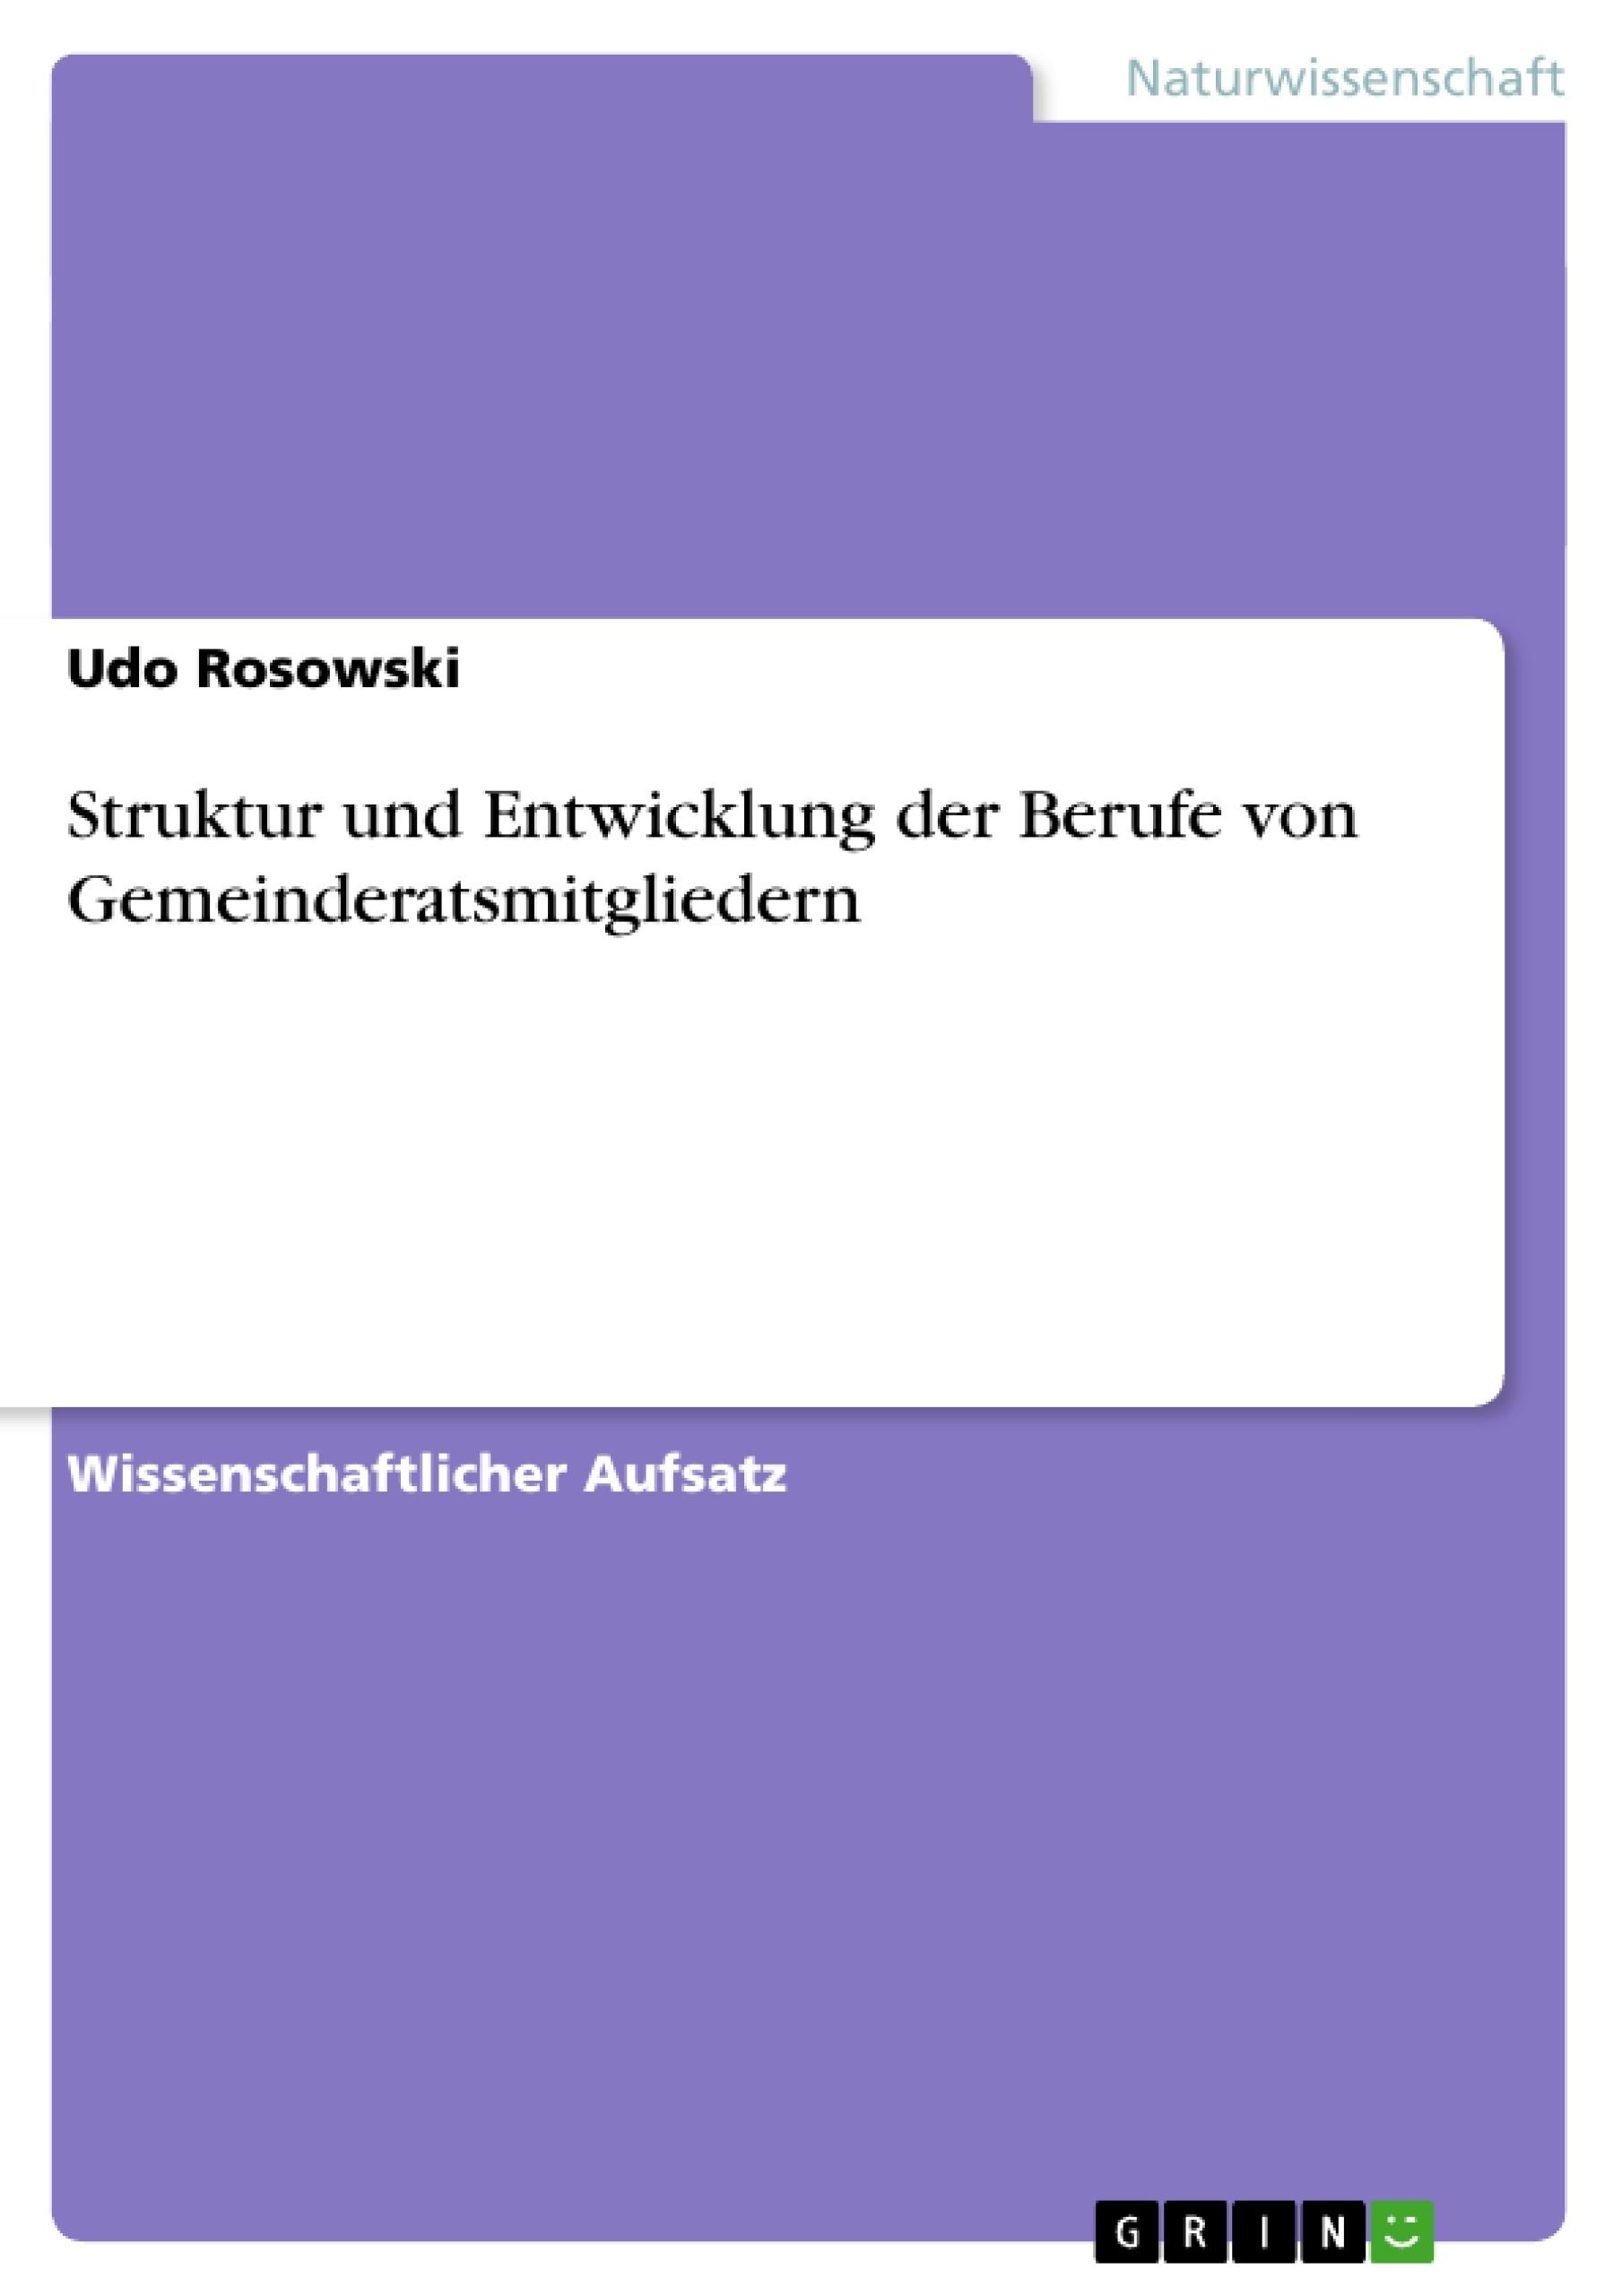 Titel: Struktur und Entwicklung der Berufe von Gemeinderatsmitgliedern